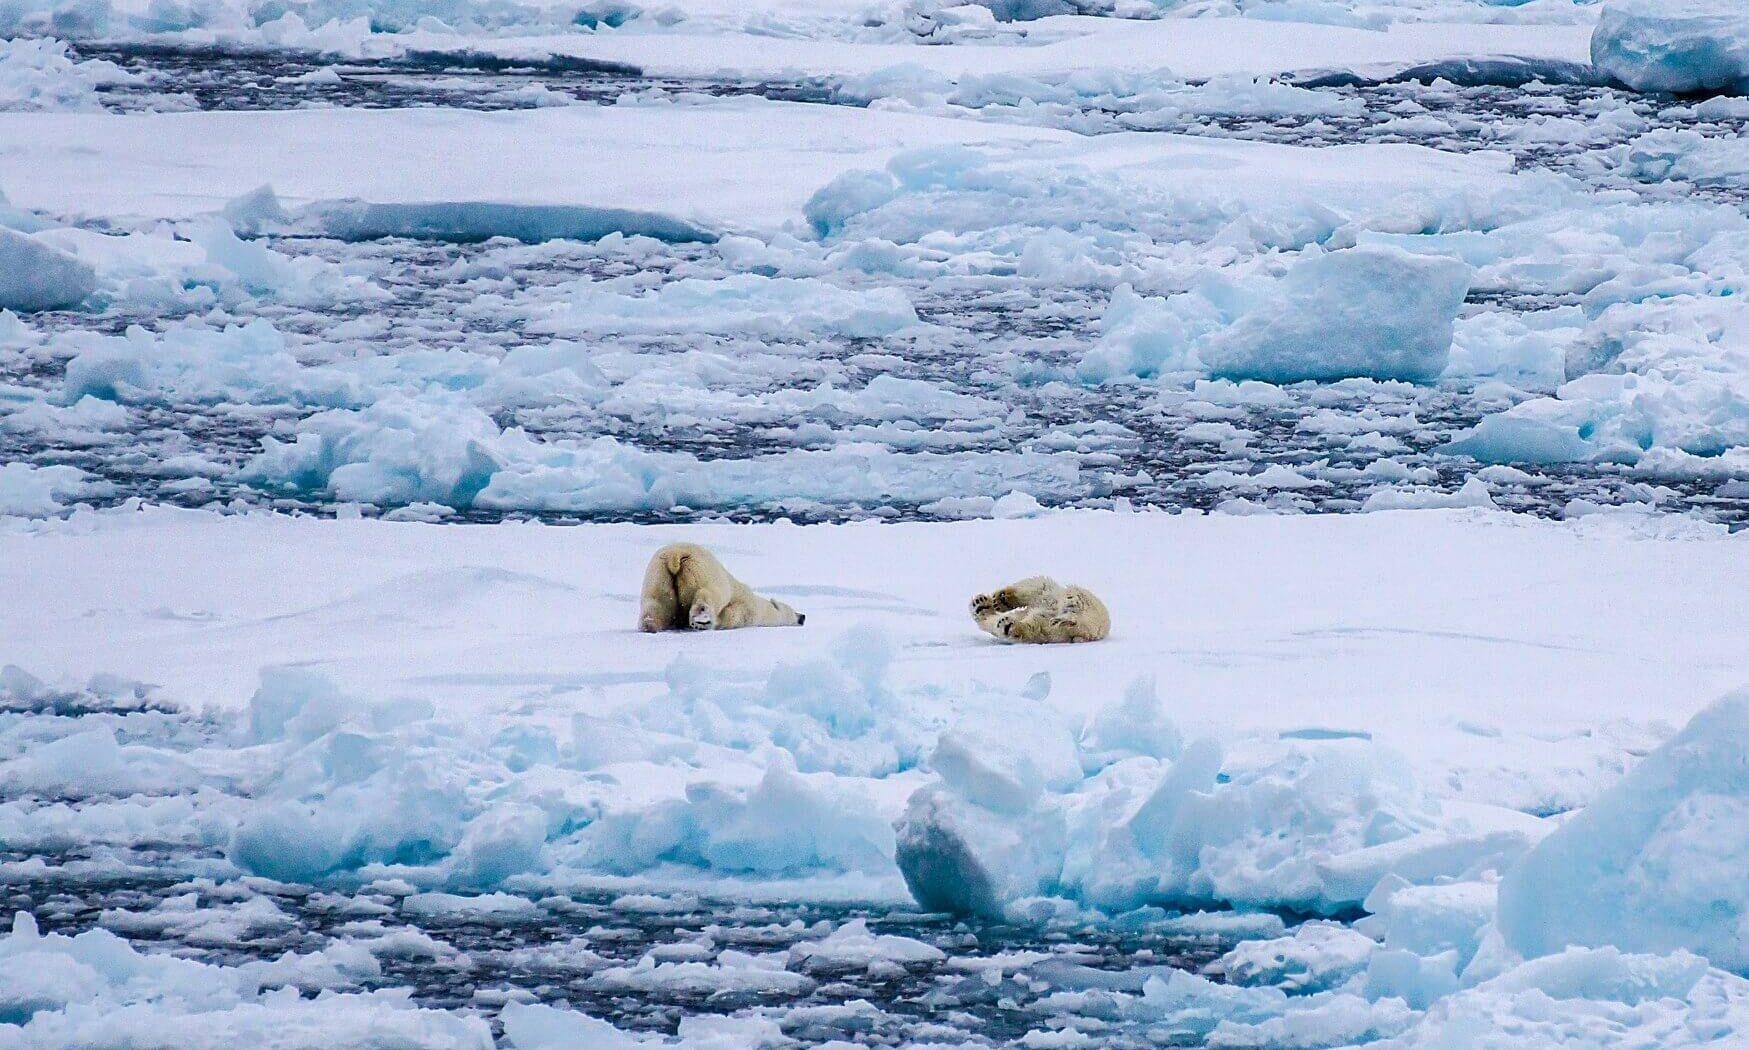 Ville vi unnslippe Bellotsundet med fulltallig mannskap¿! Heldigvis nöyde verdens störste rovdyr seg med å leke i snöen. Kilde; Edwards & Charody